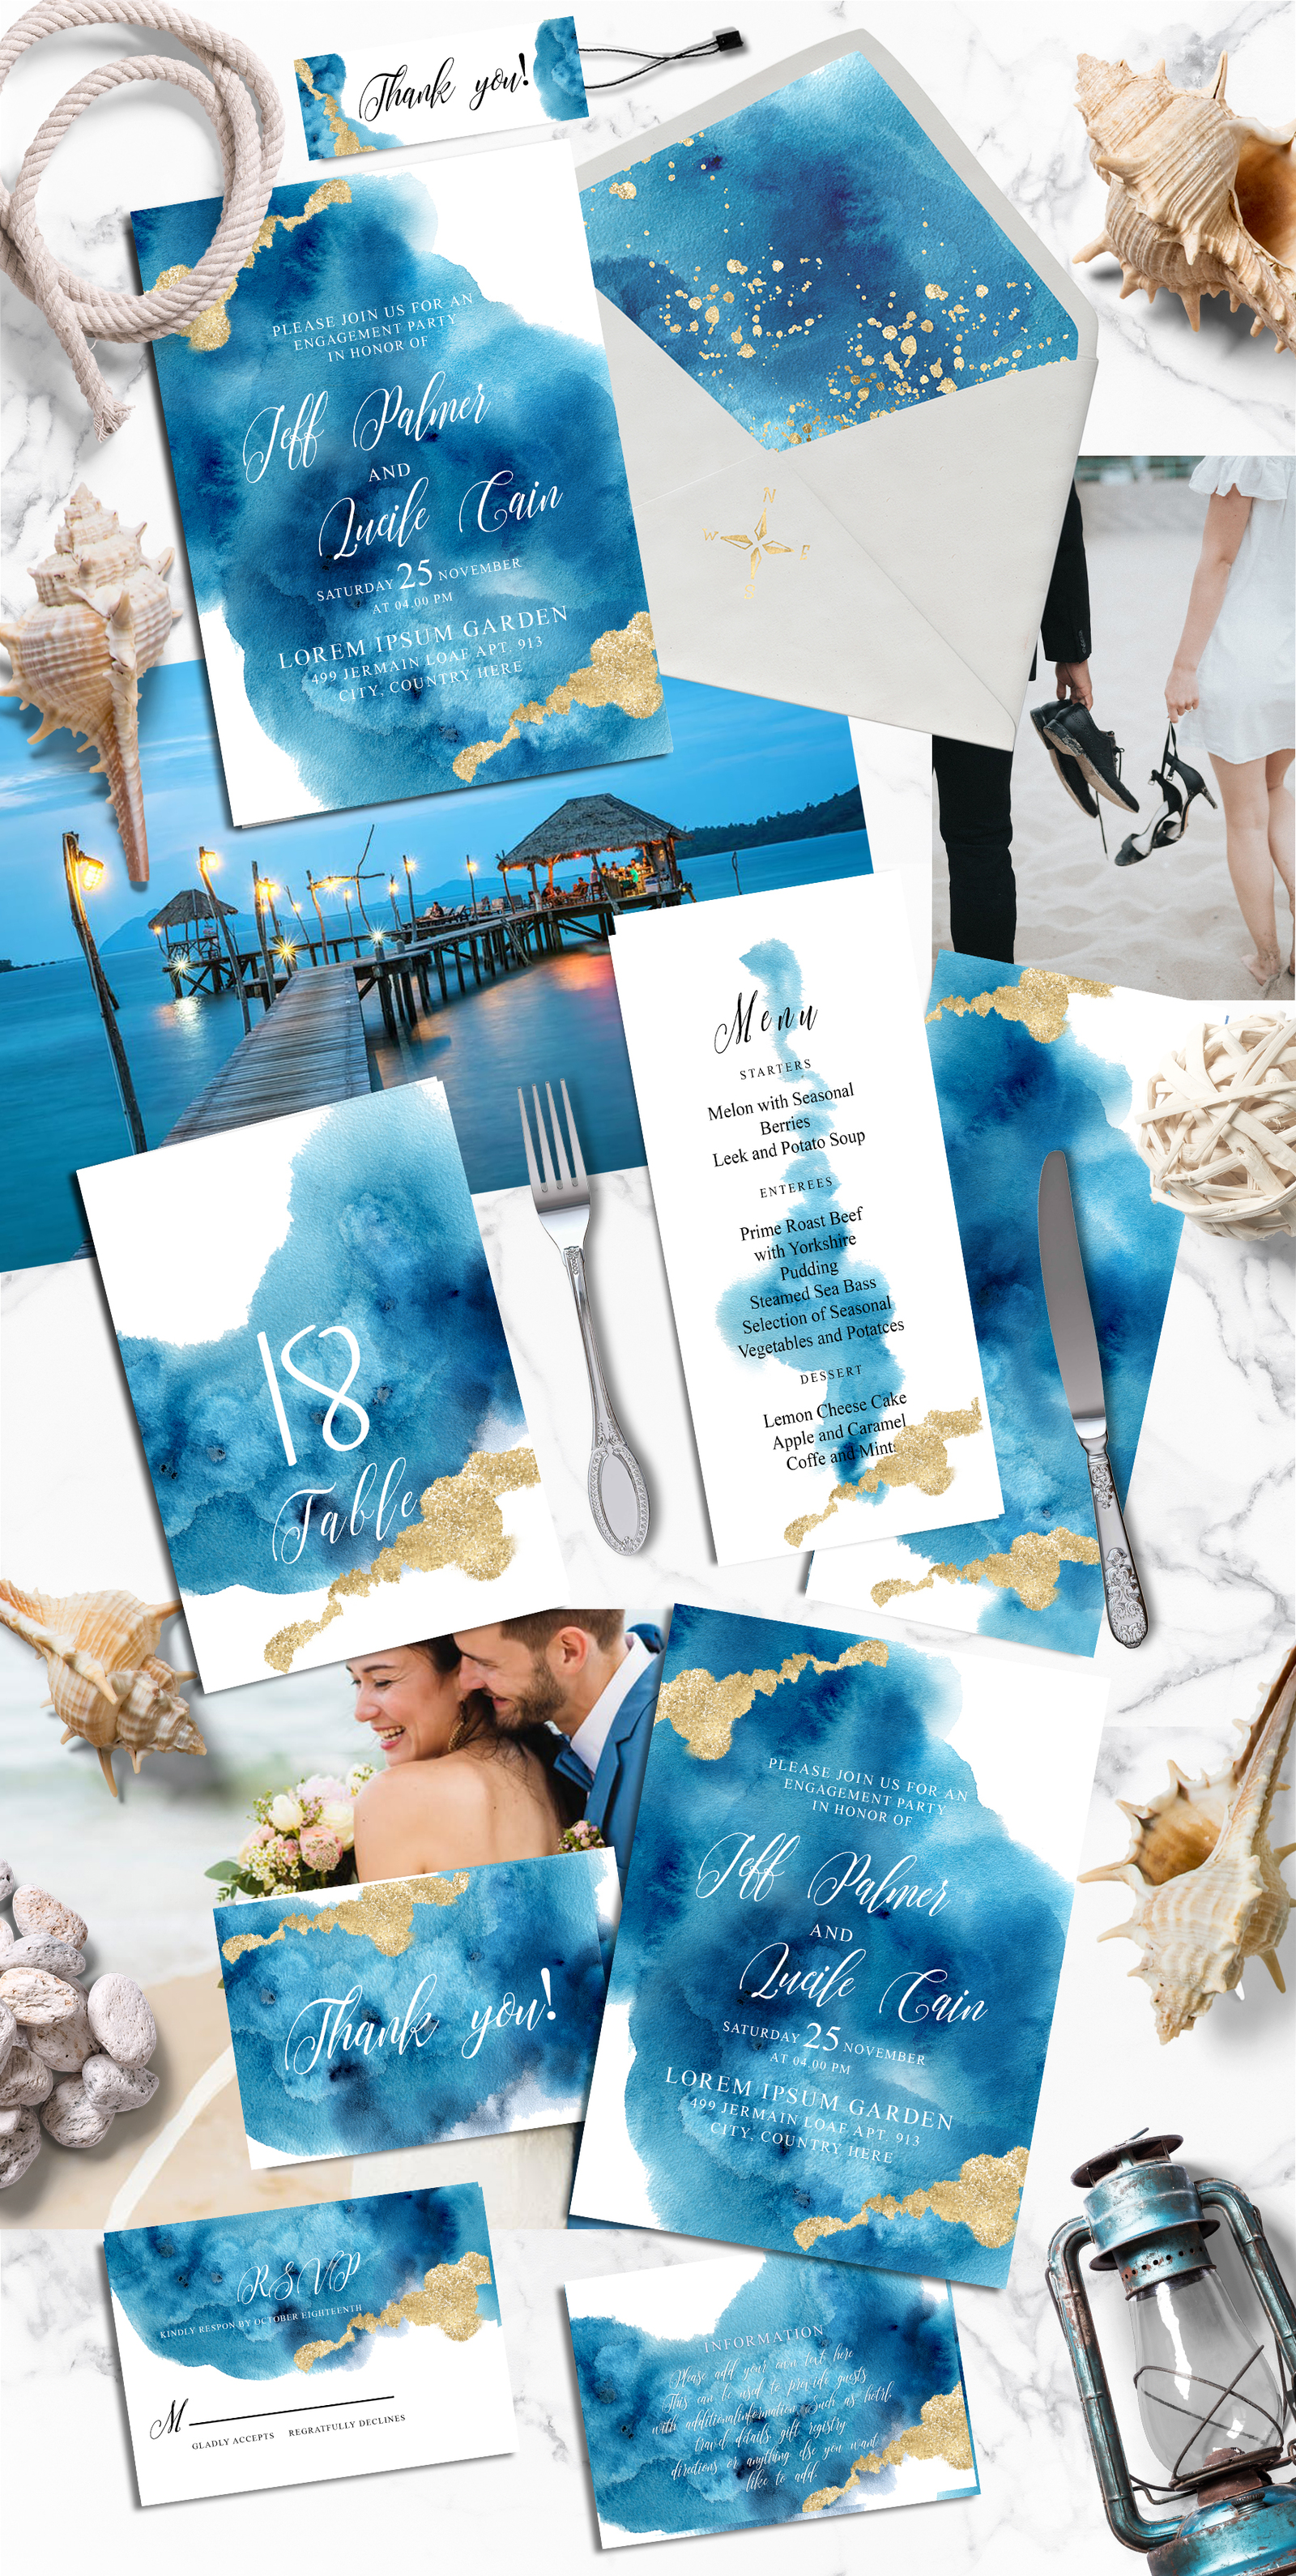 Ocean wedding invitations suit